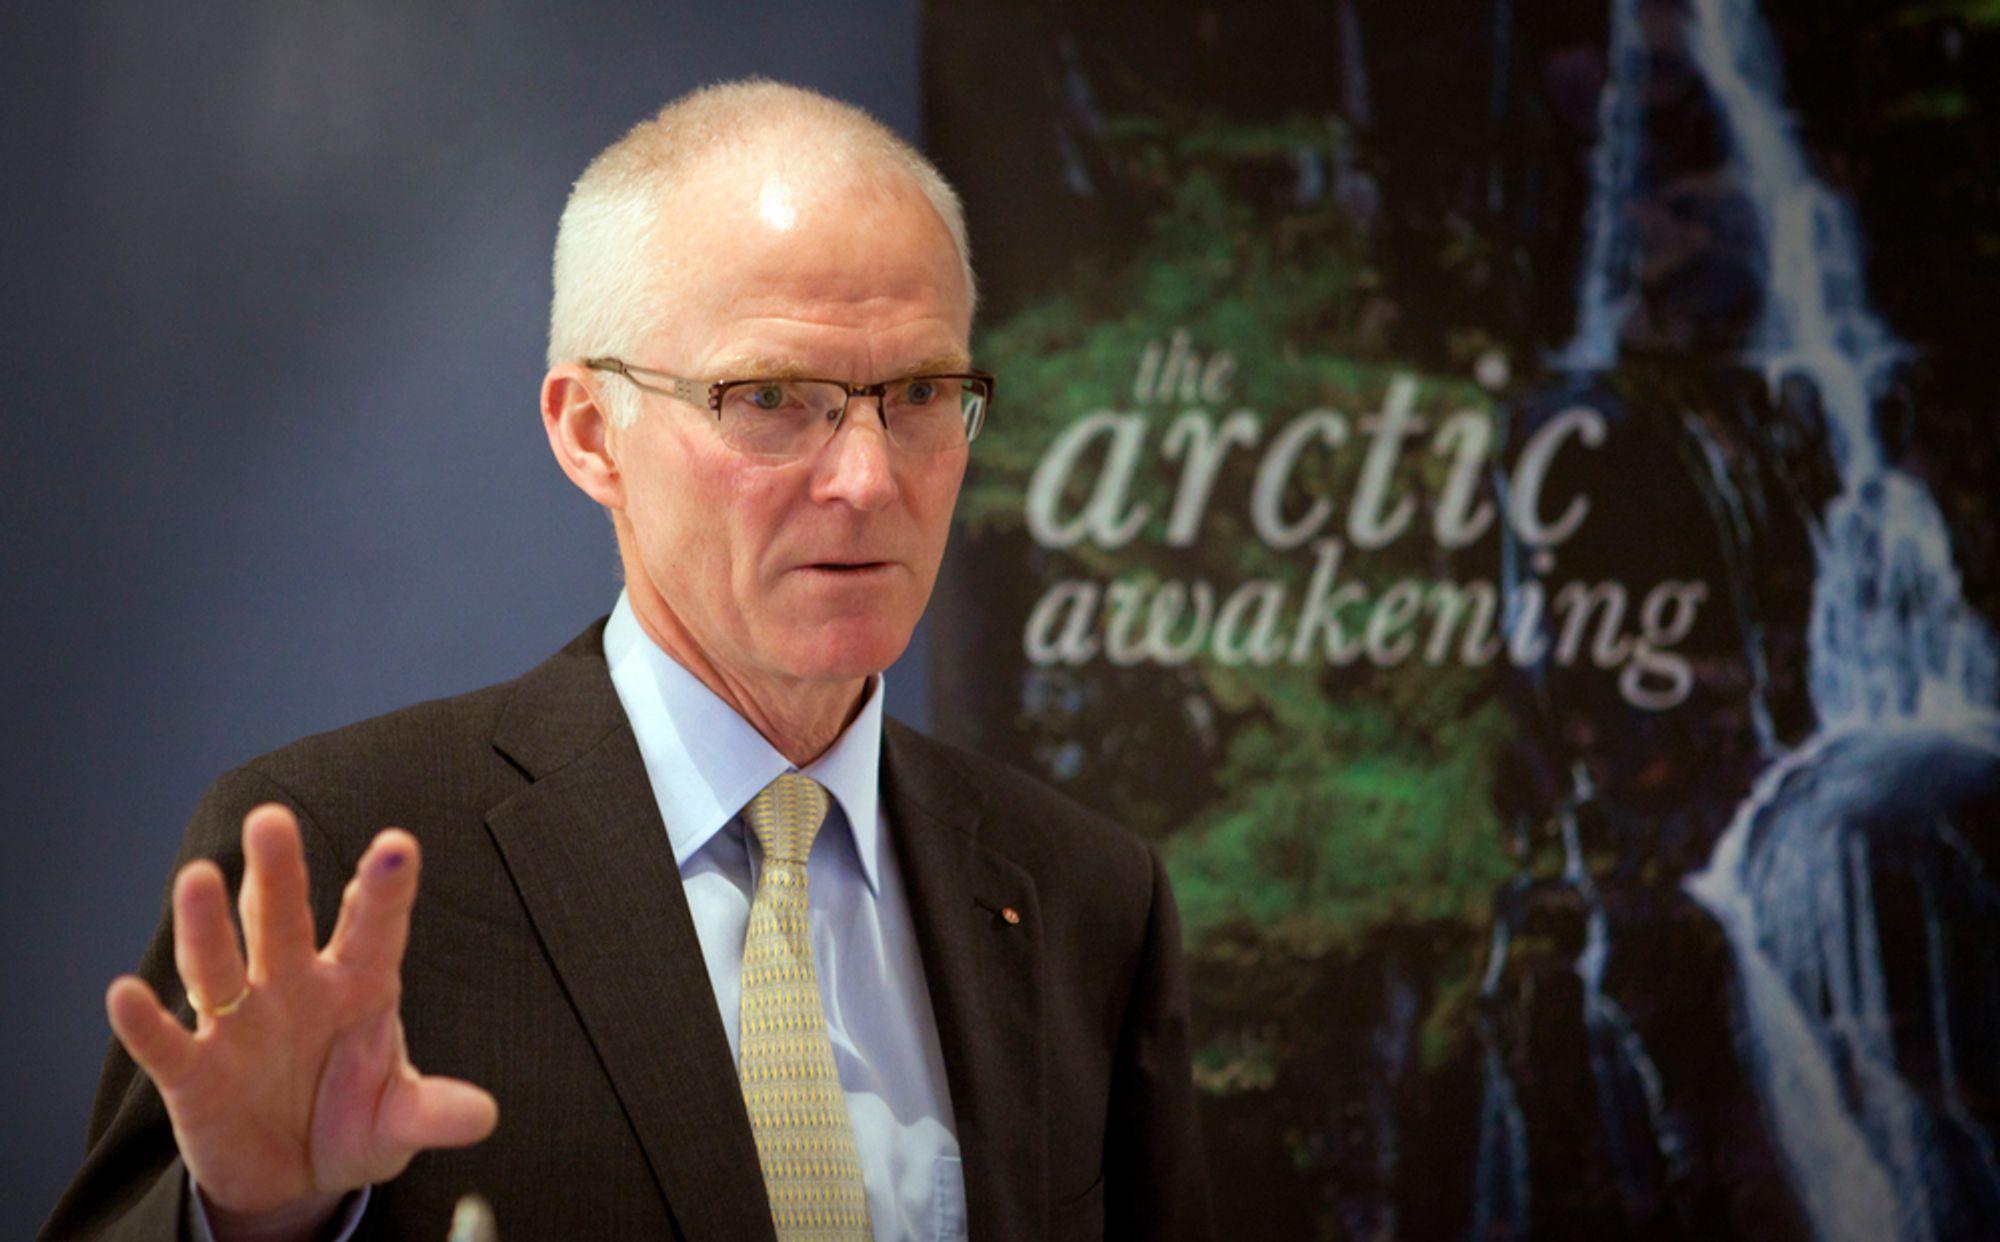 NY STYRELEDER: Avtroppende konsernsjef i Hurtigruten, Olav Fjell, er ny styreleder i Statkraft. (Foto: Scanpix)